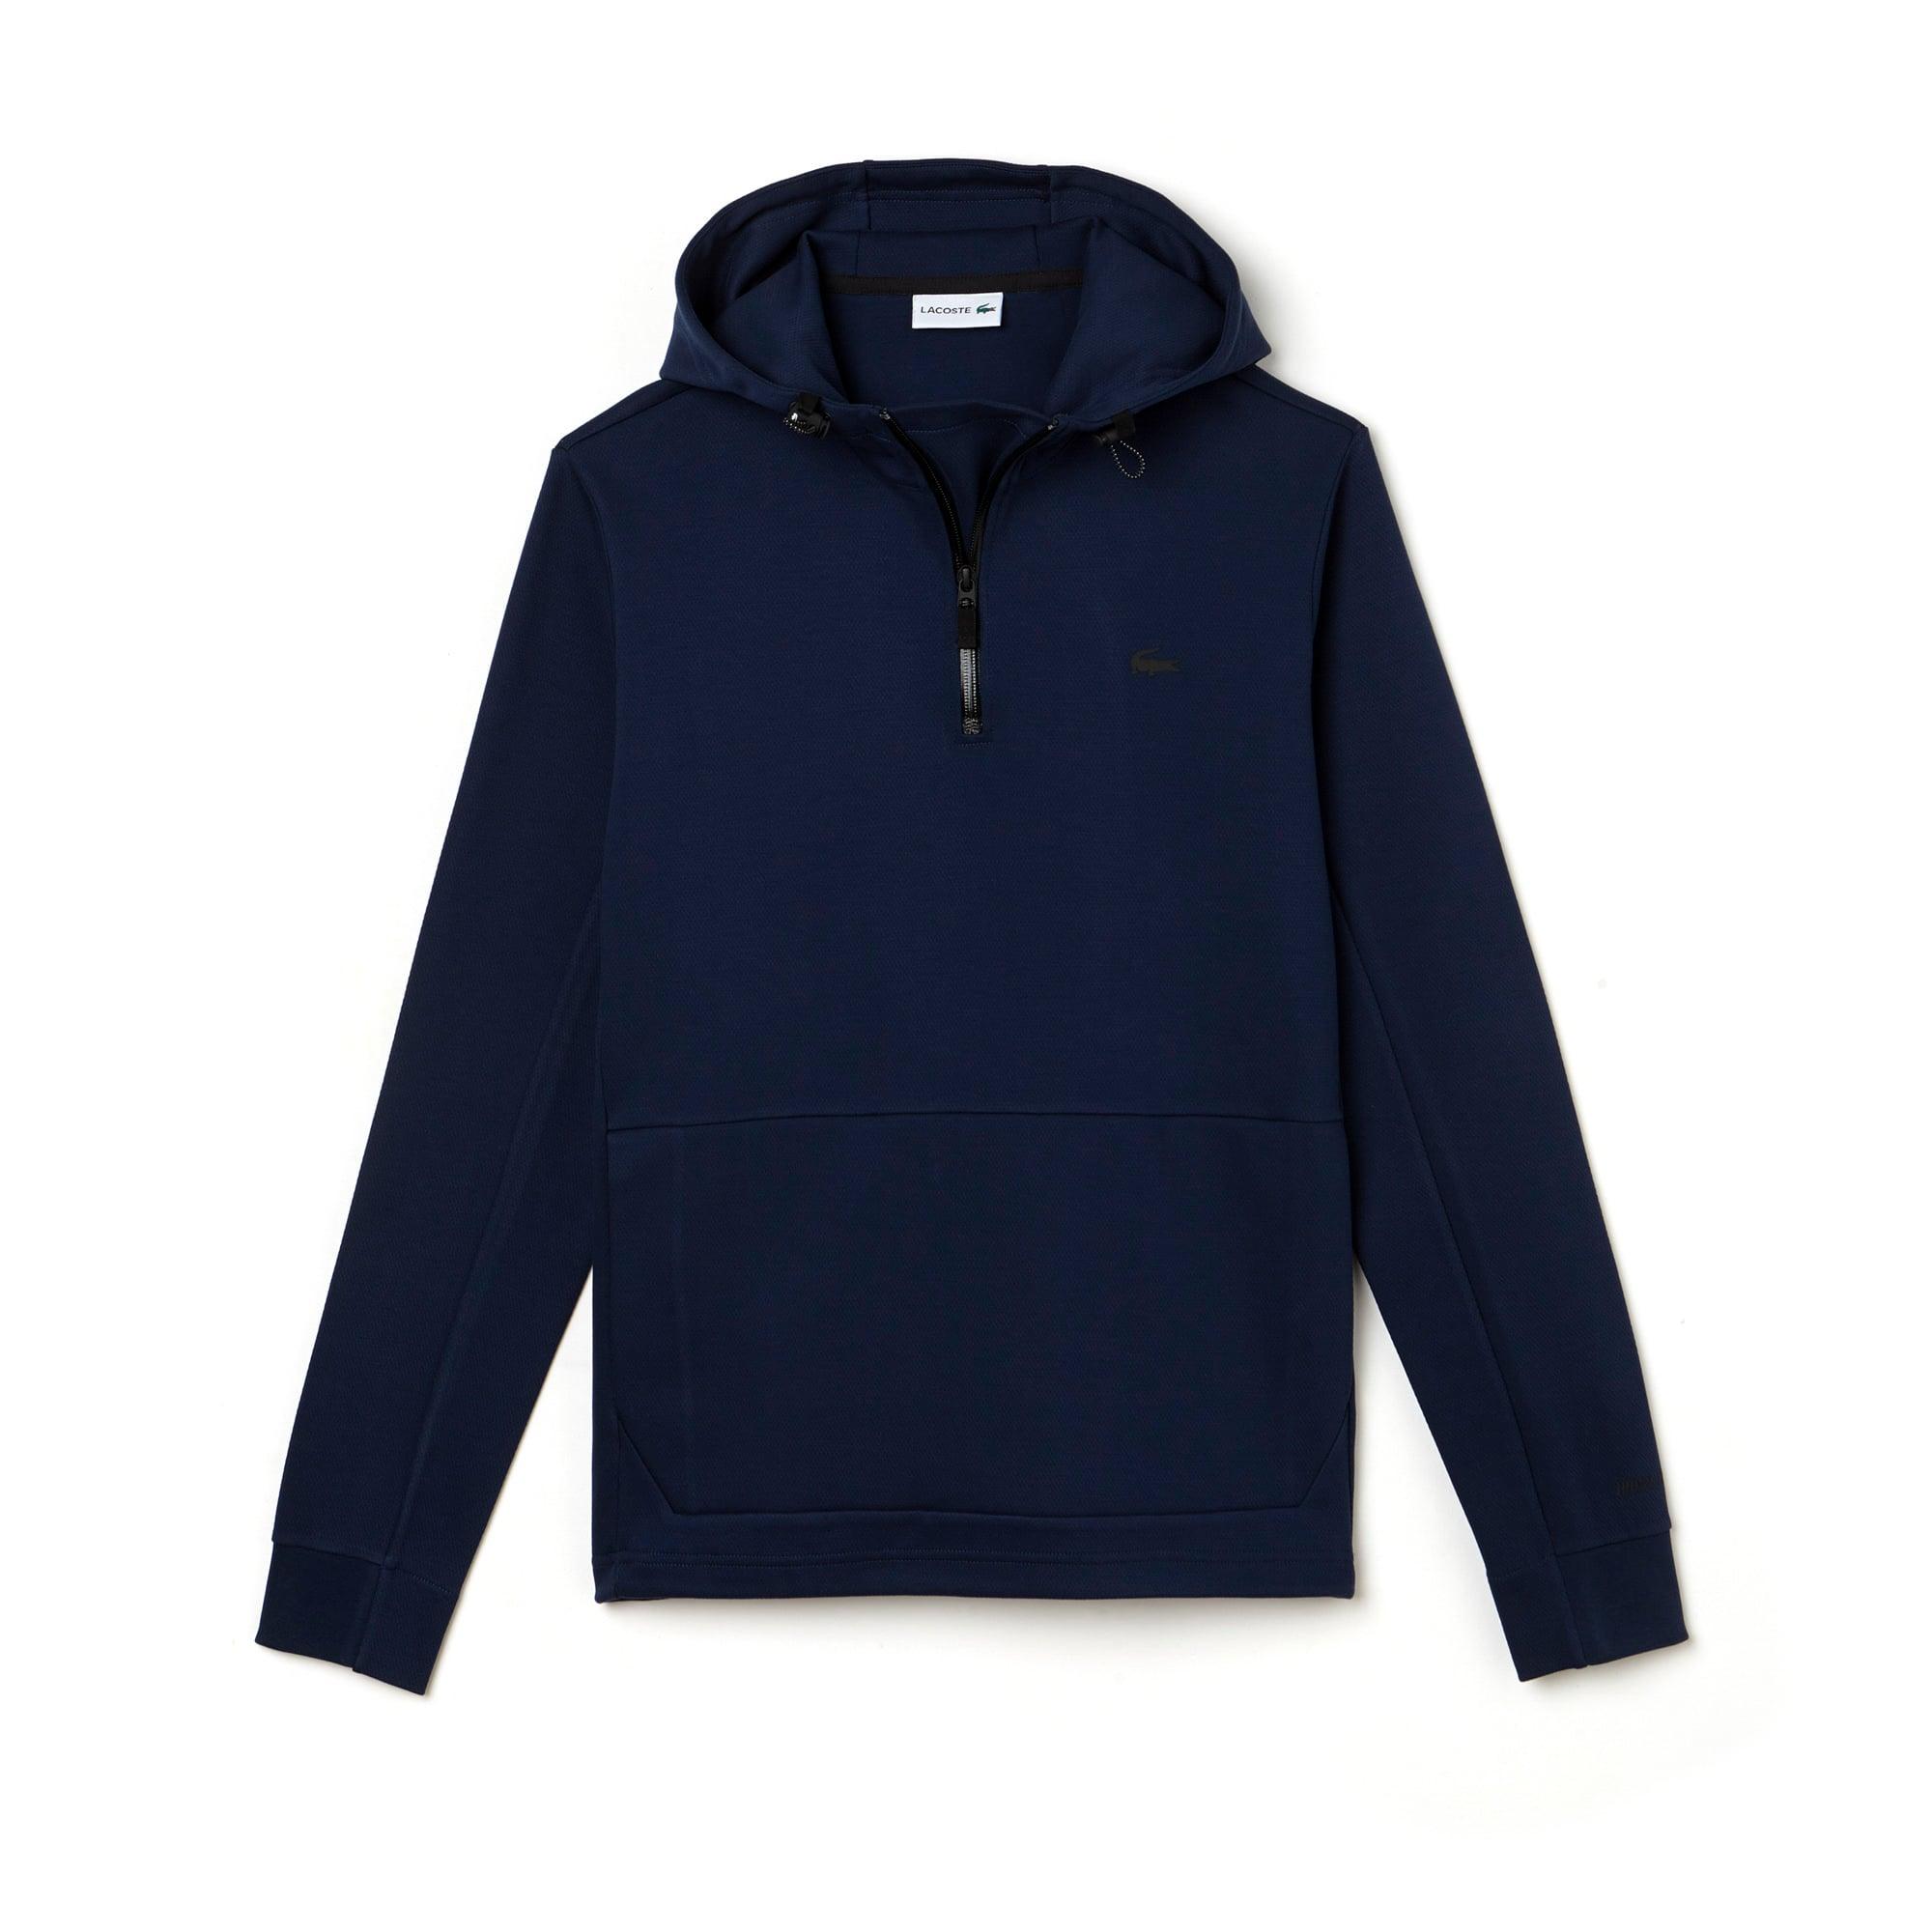 Men's Zip Neck Back Lettering Hooded Sweatshirt